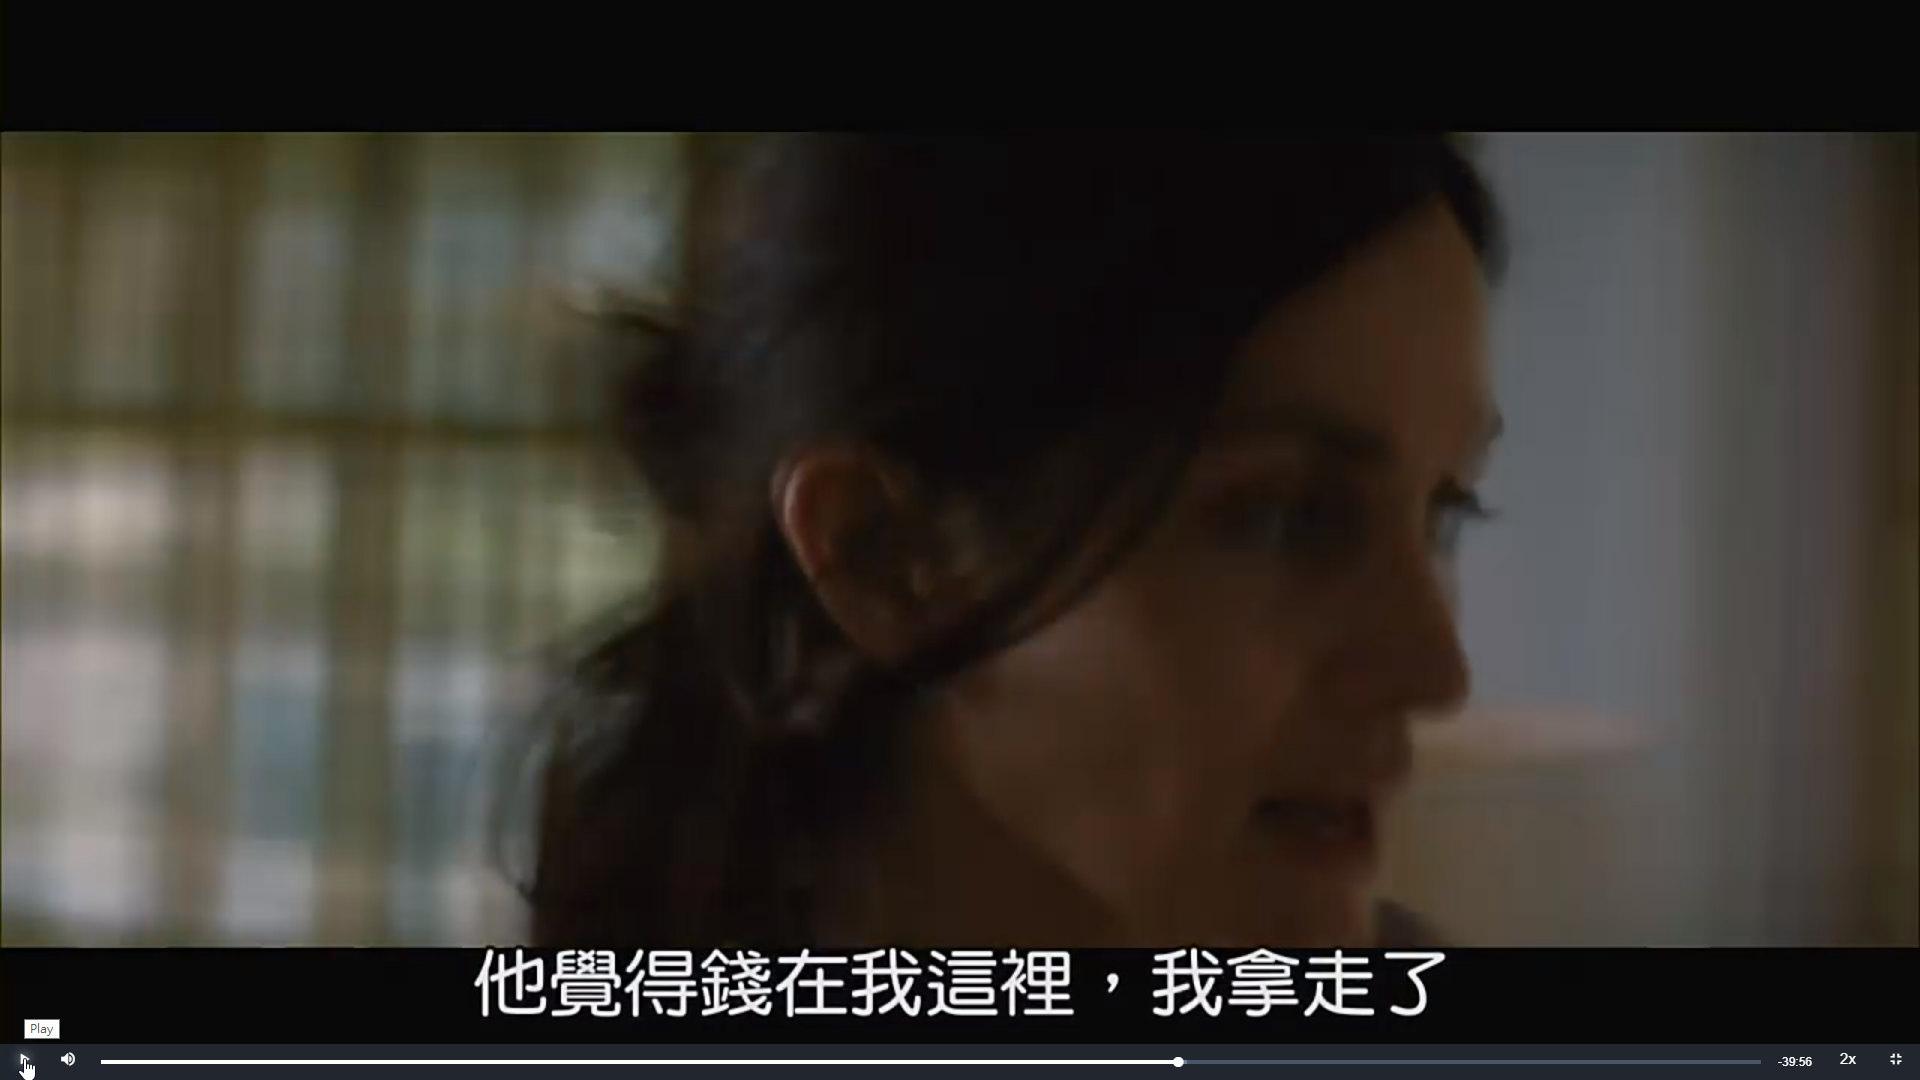 [感想] 電影-記憶拼圖 Memento (2000) 整理順序劇情&爭議討論-111.jpg